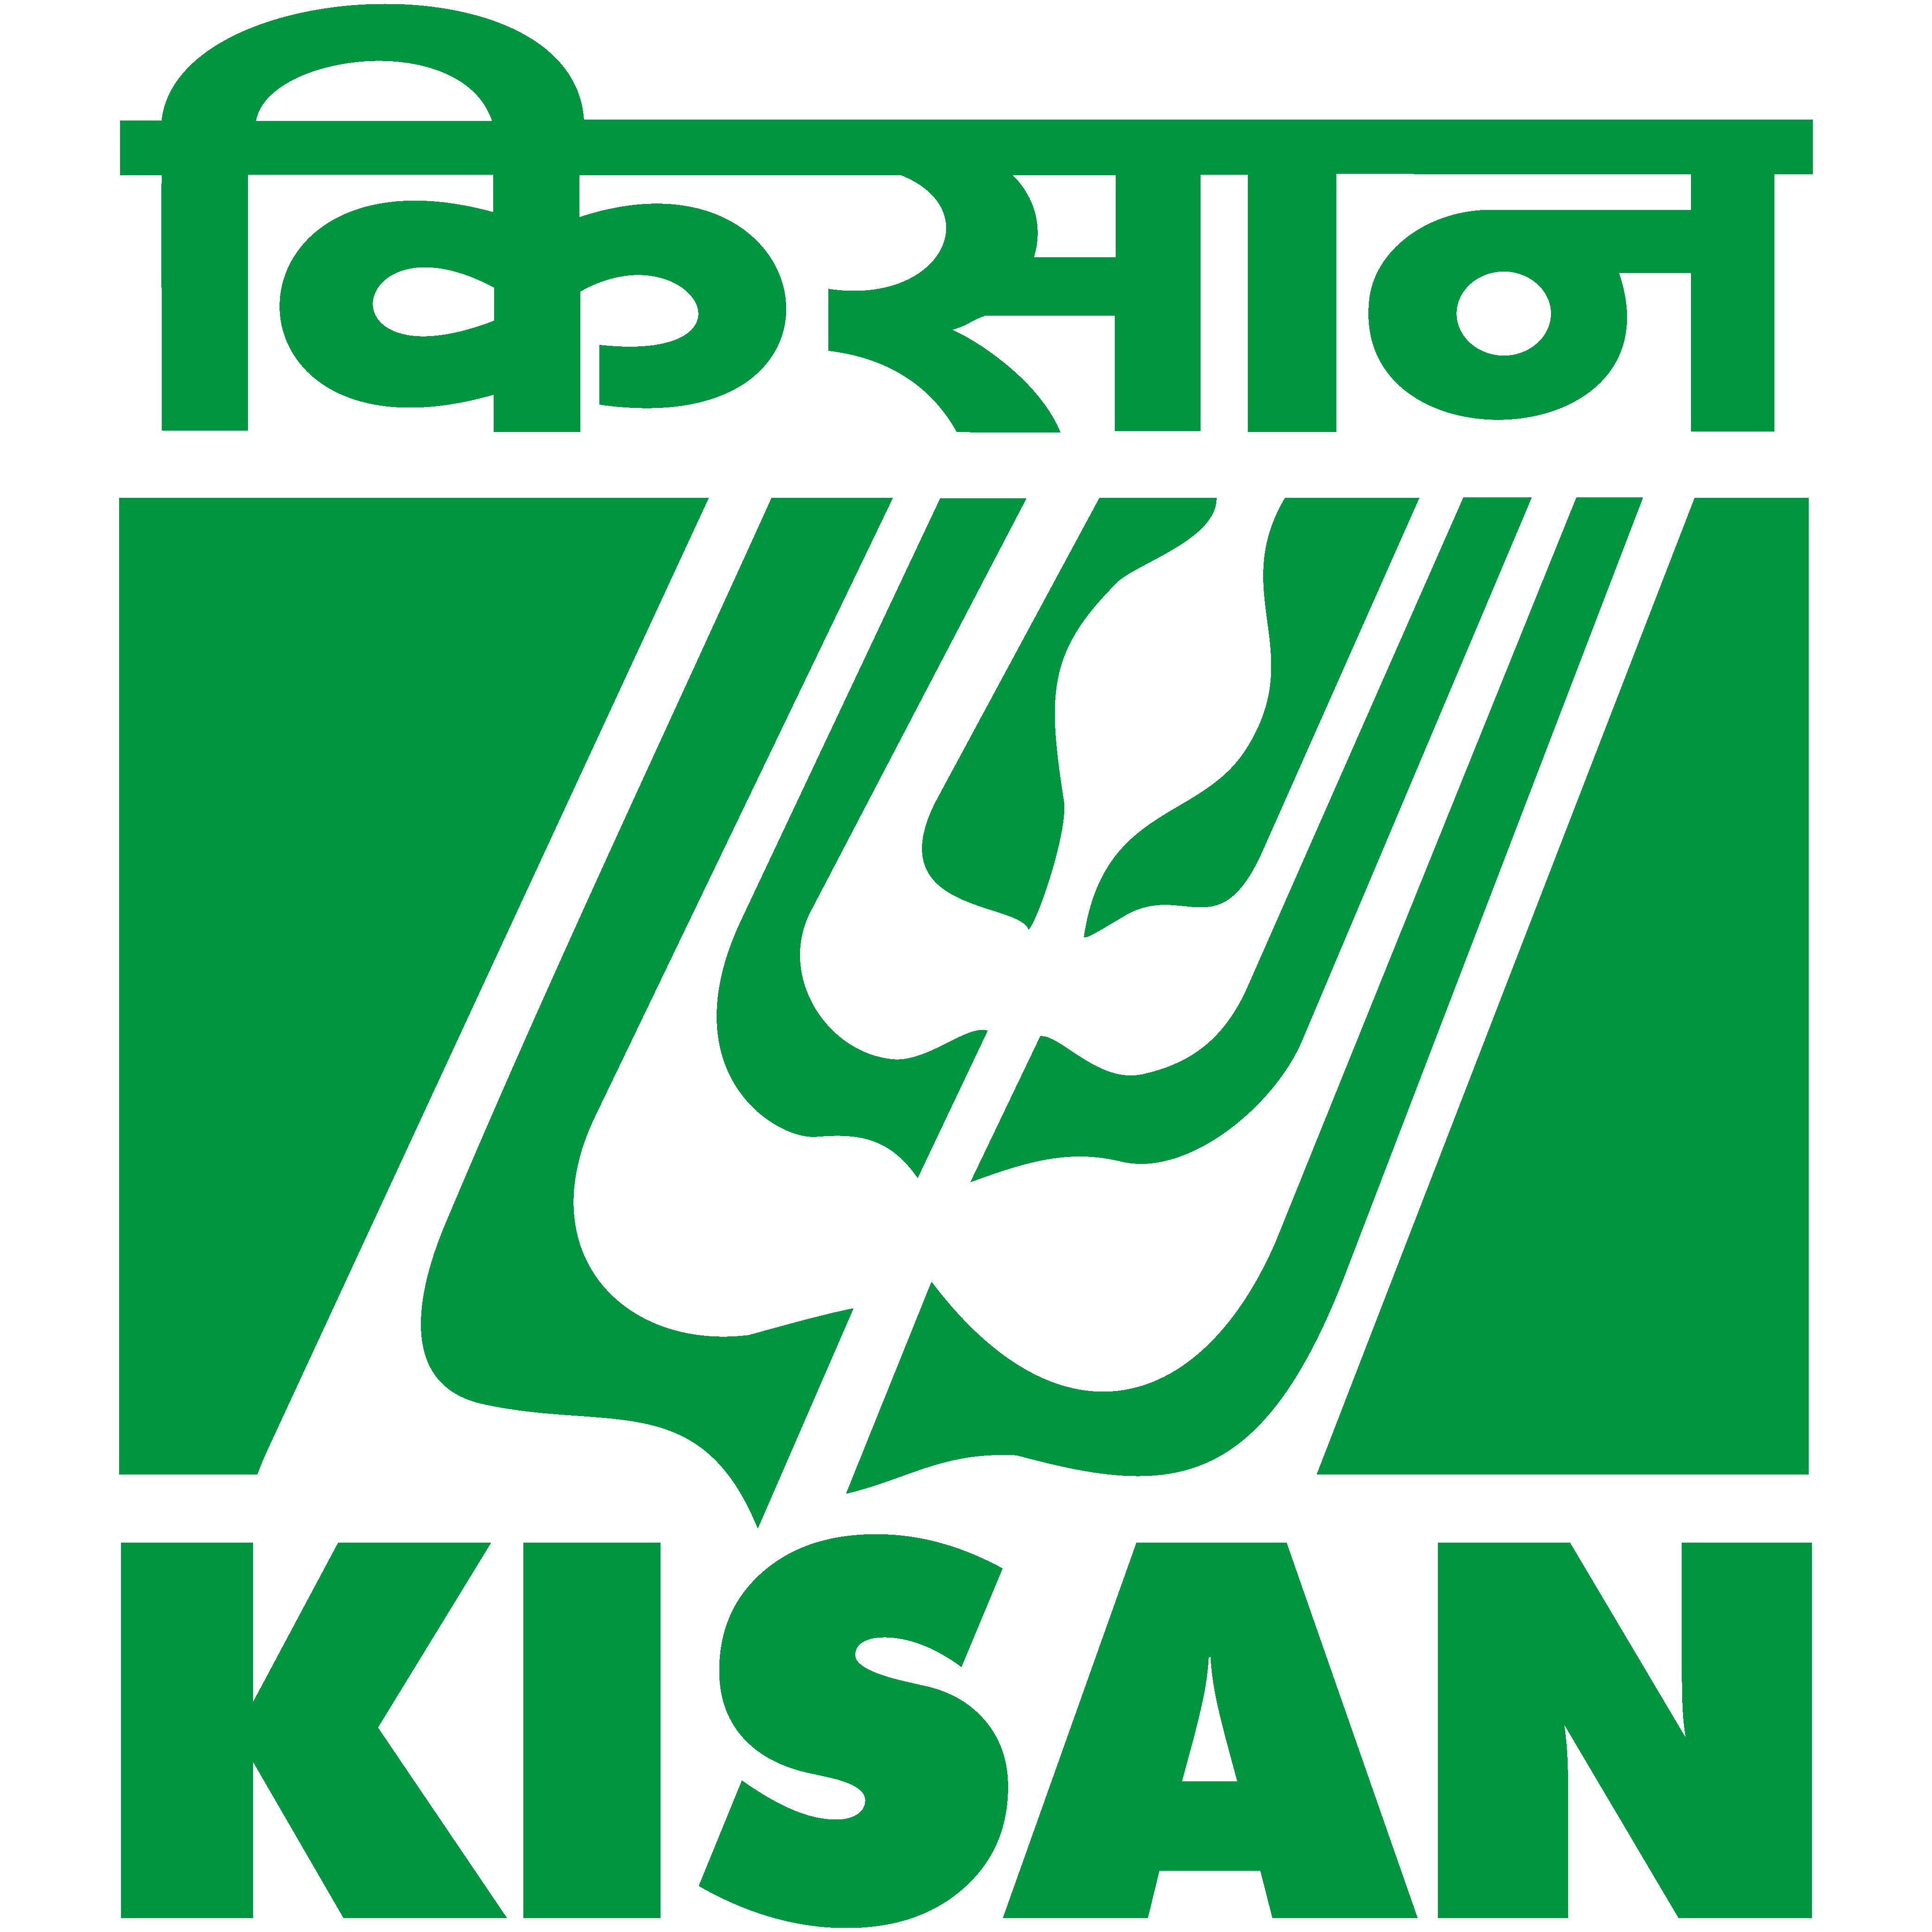 KISAN Green logo